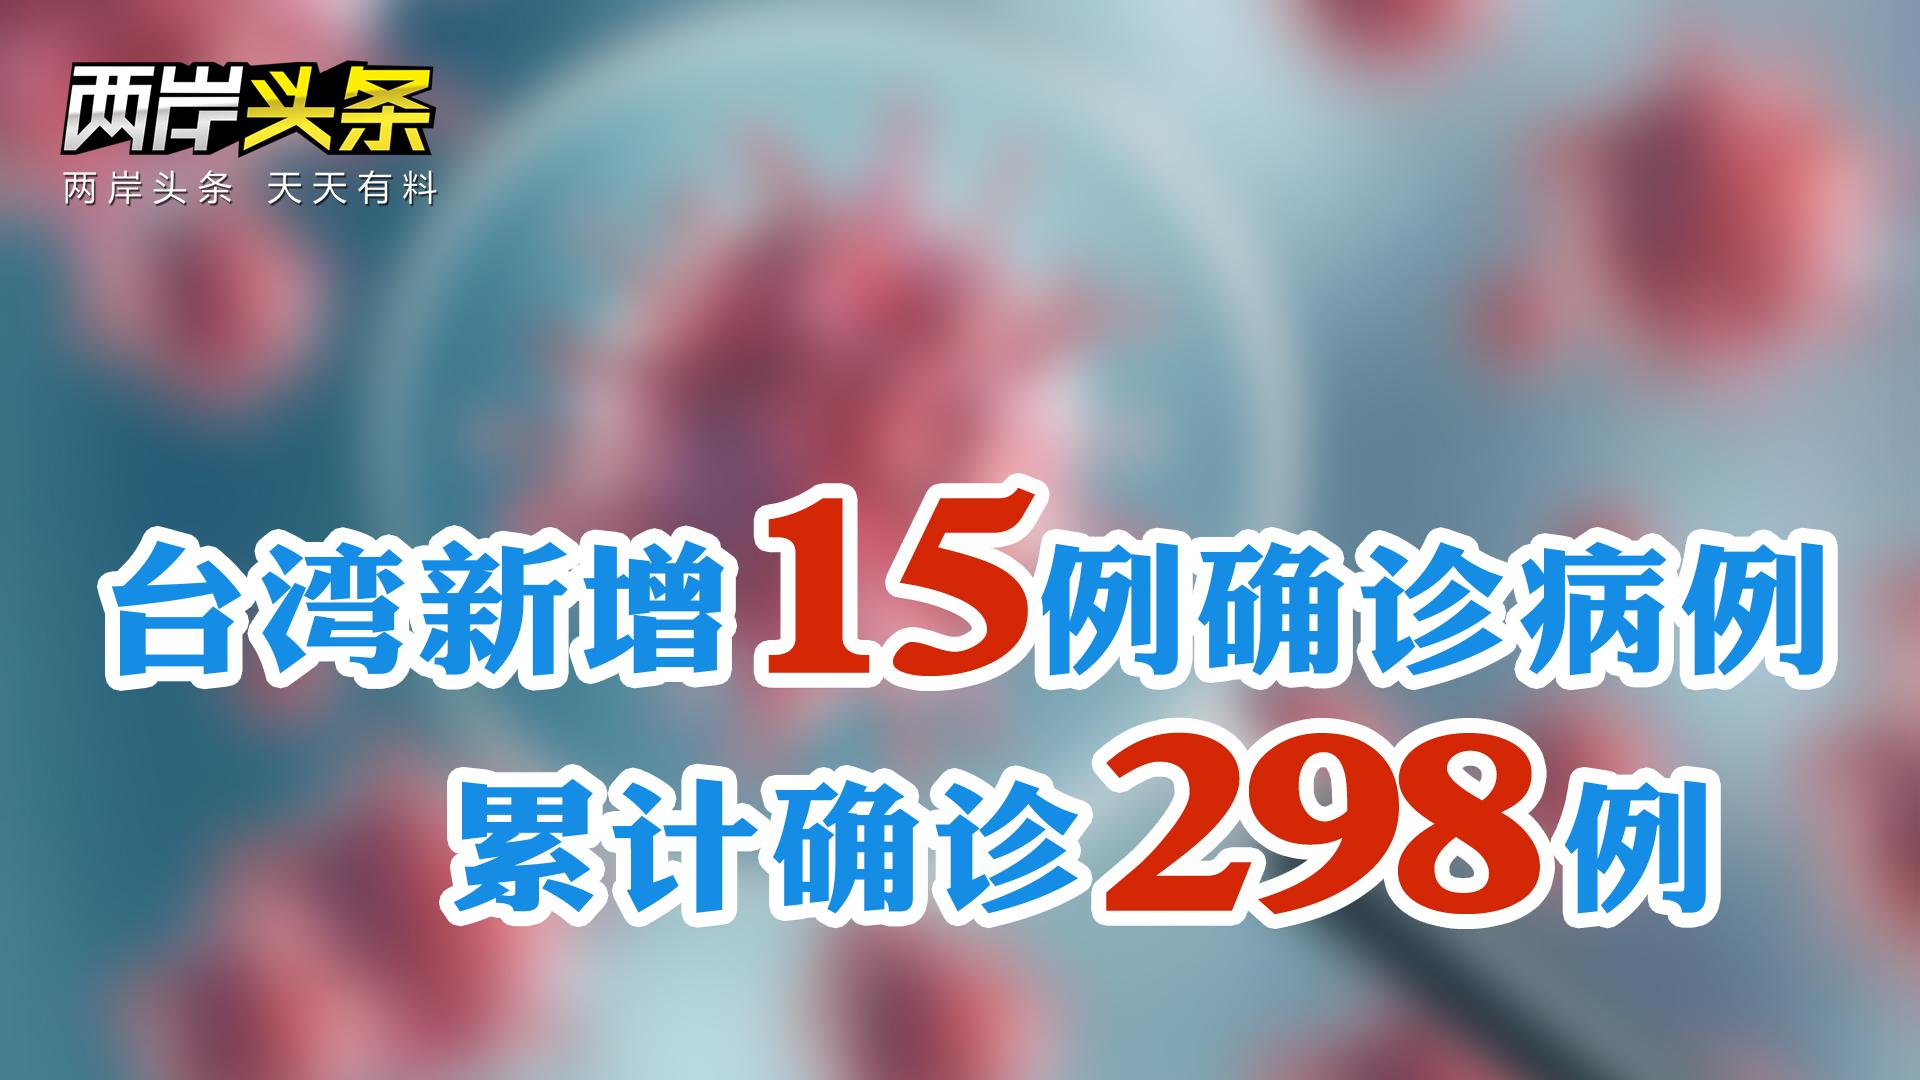 臺灣地區新增15例新冠肺炎確診病例 累計298例圖片